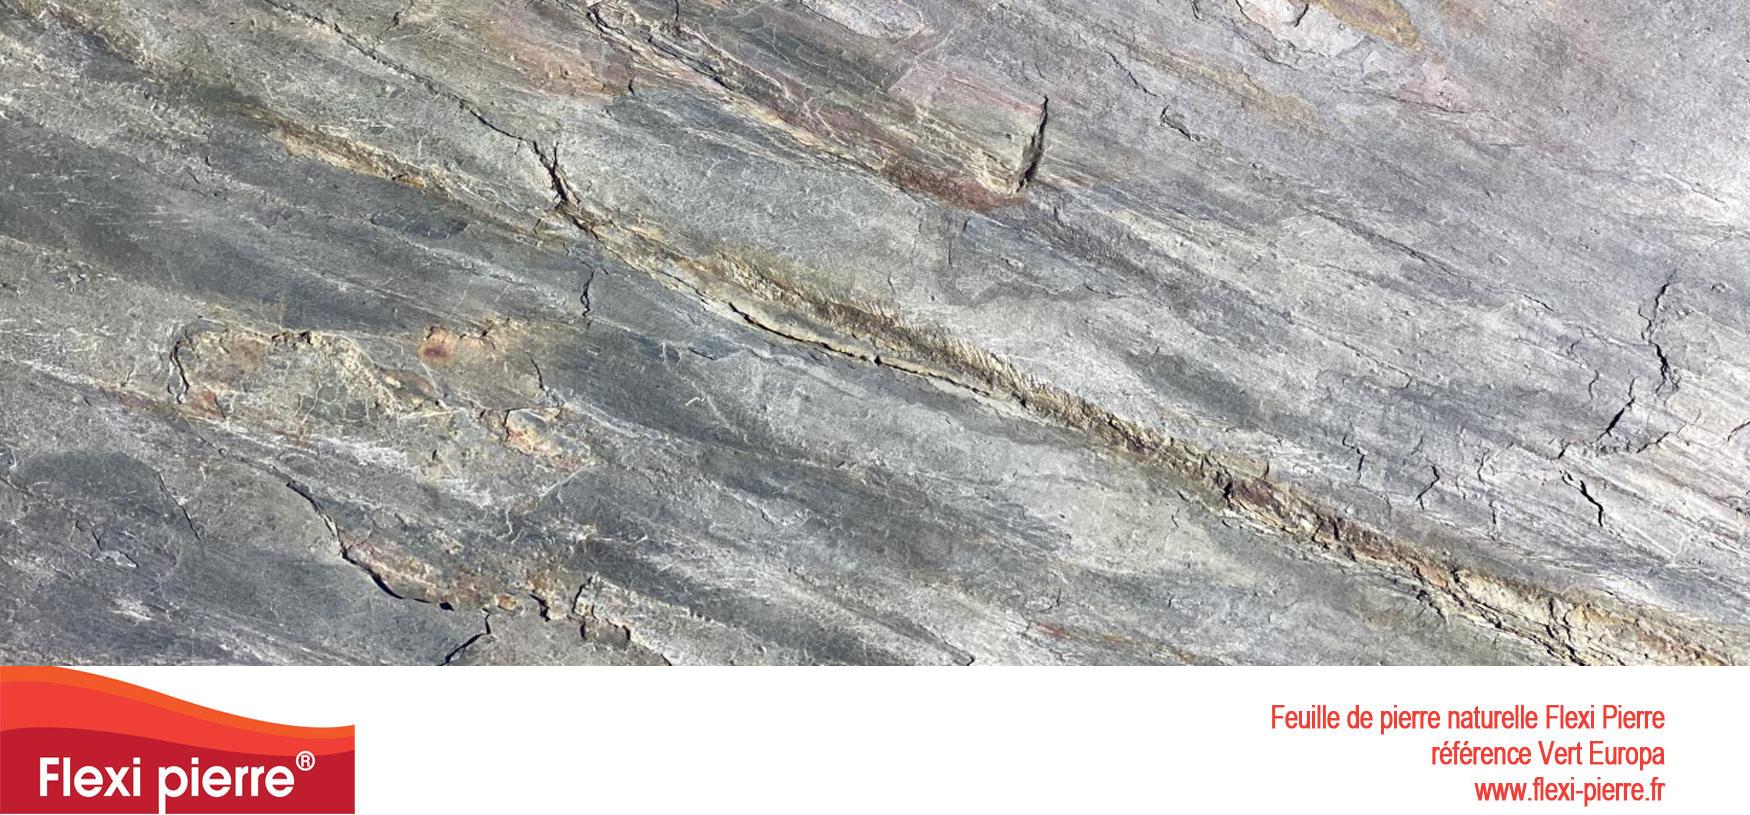 Feuille de pierre Vert Europa